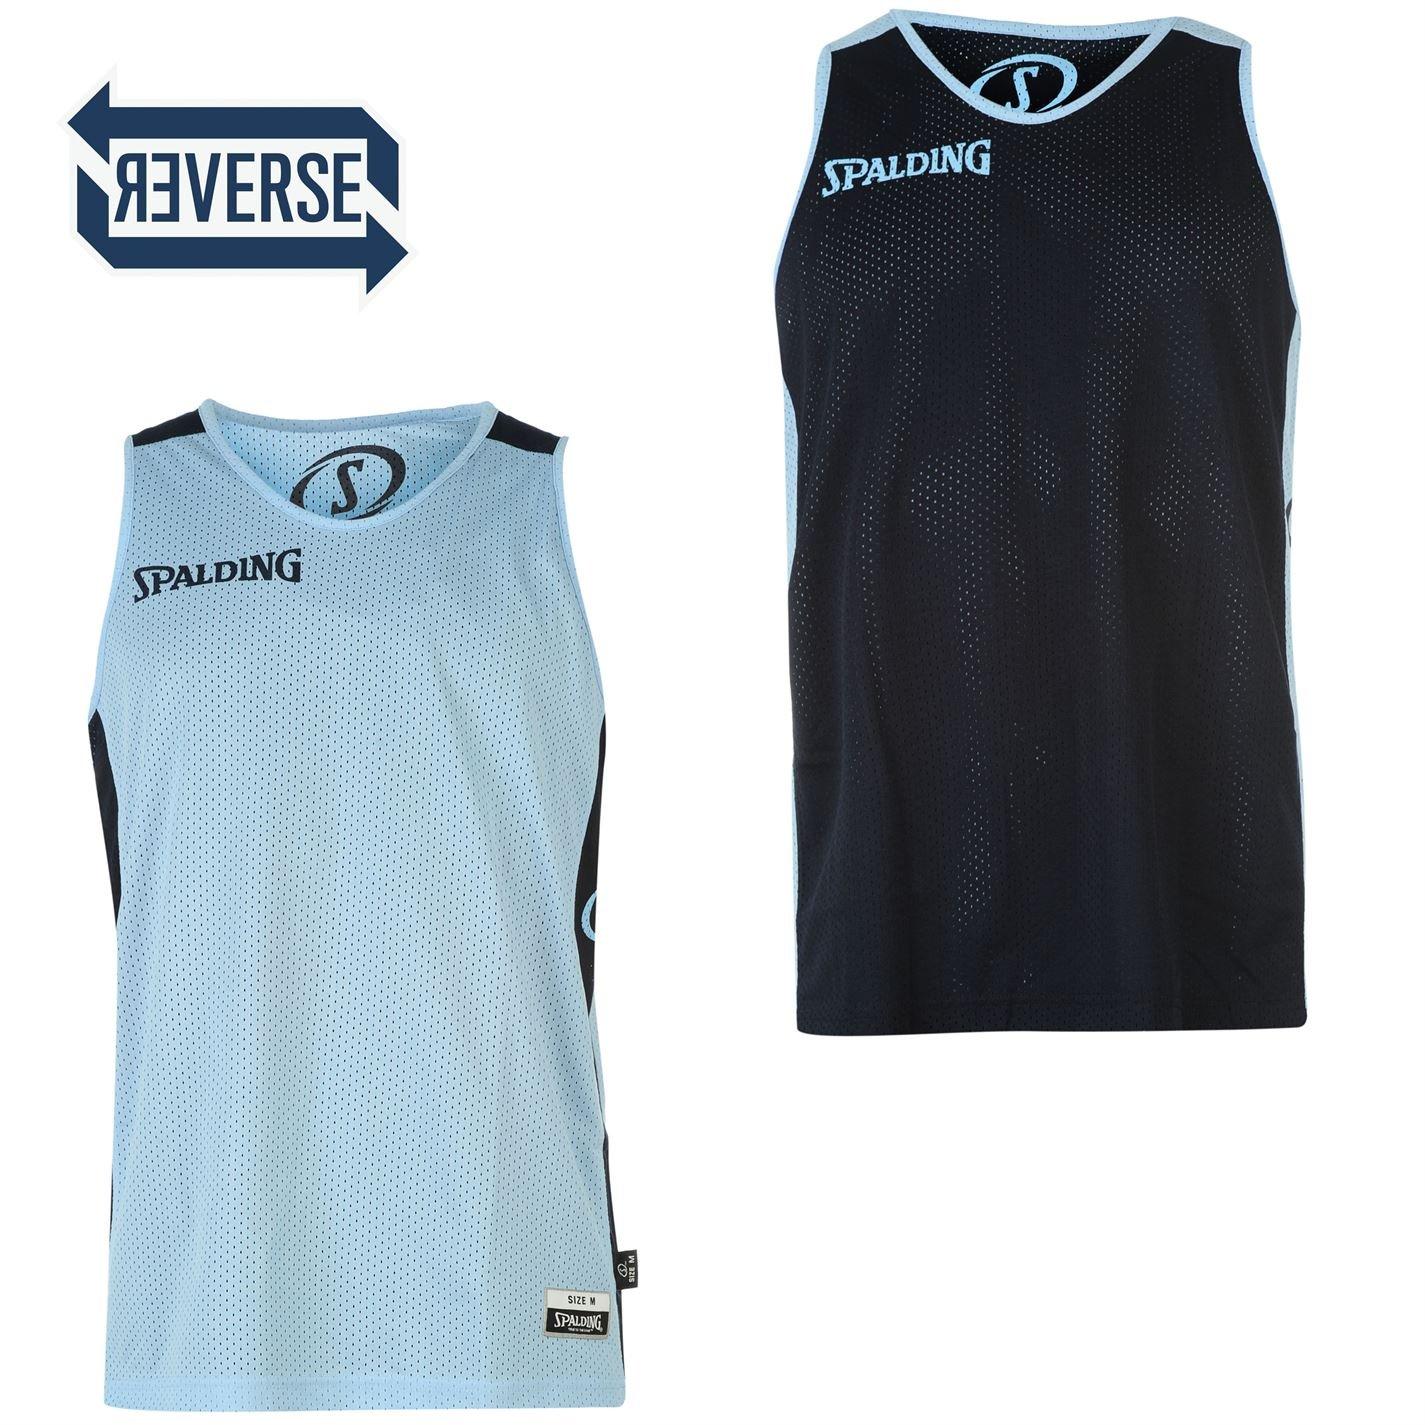 Spalding Reversible Camiseta de baloncesto aermel Hombre los ...